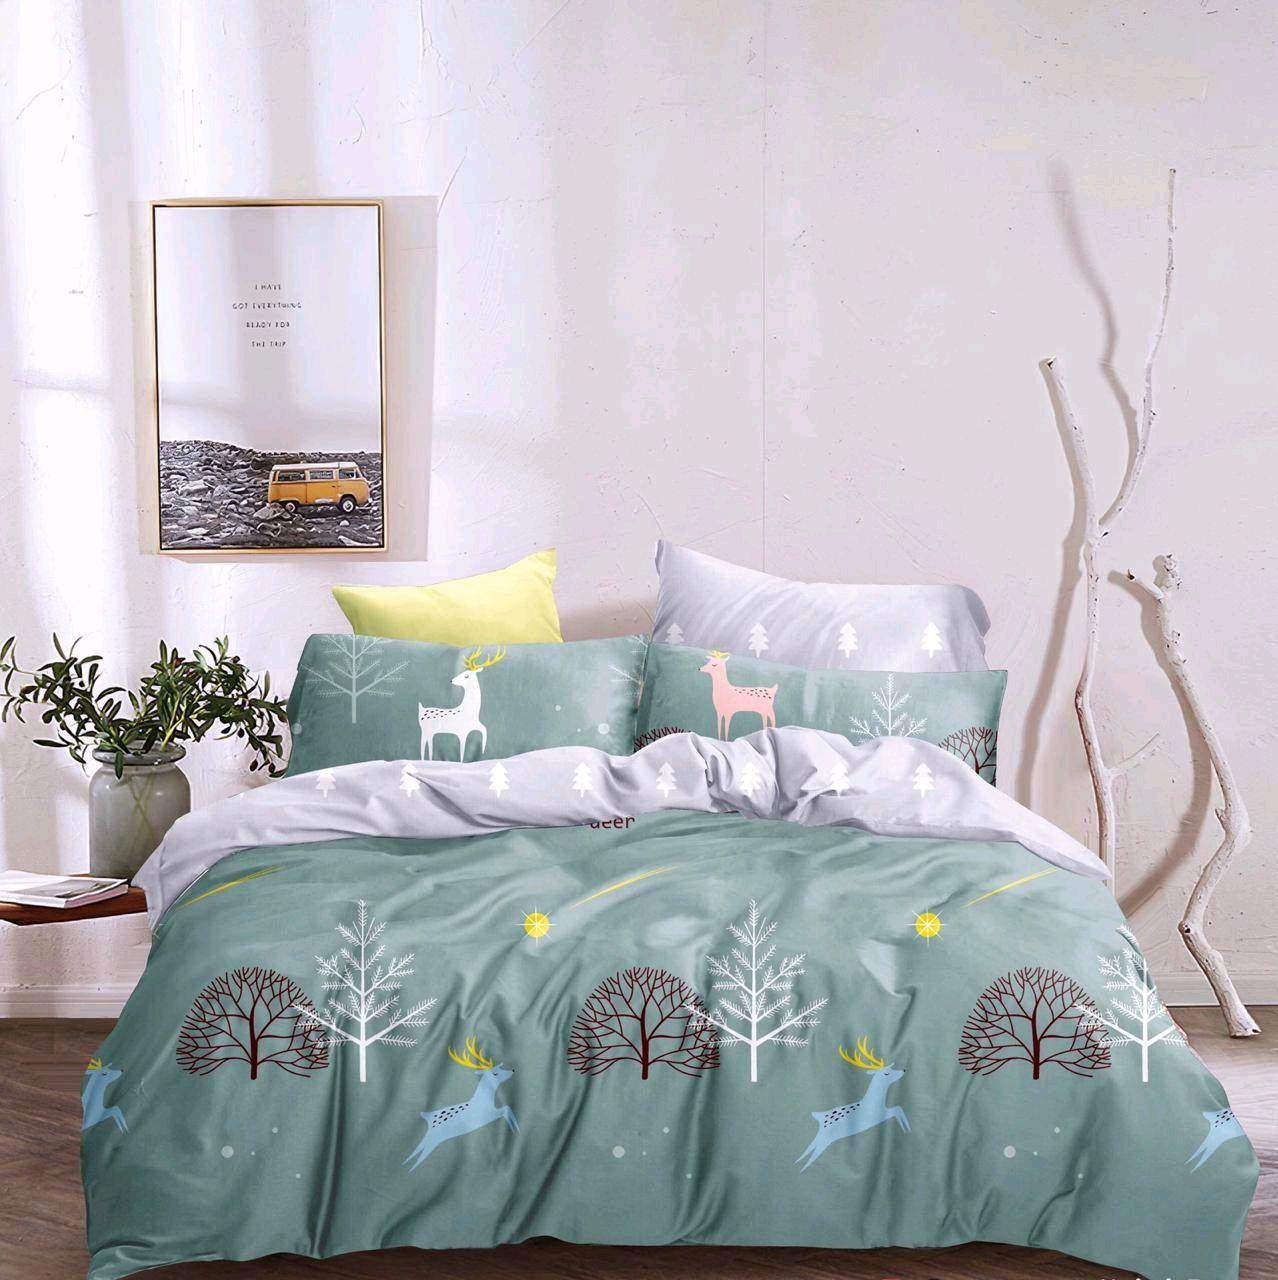 Новогоднее постельное белье с оленями из сатин. Постельное бельё сатин, Комплекты постельного белья, Тольятти,  Фото №1